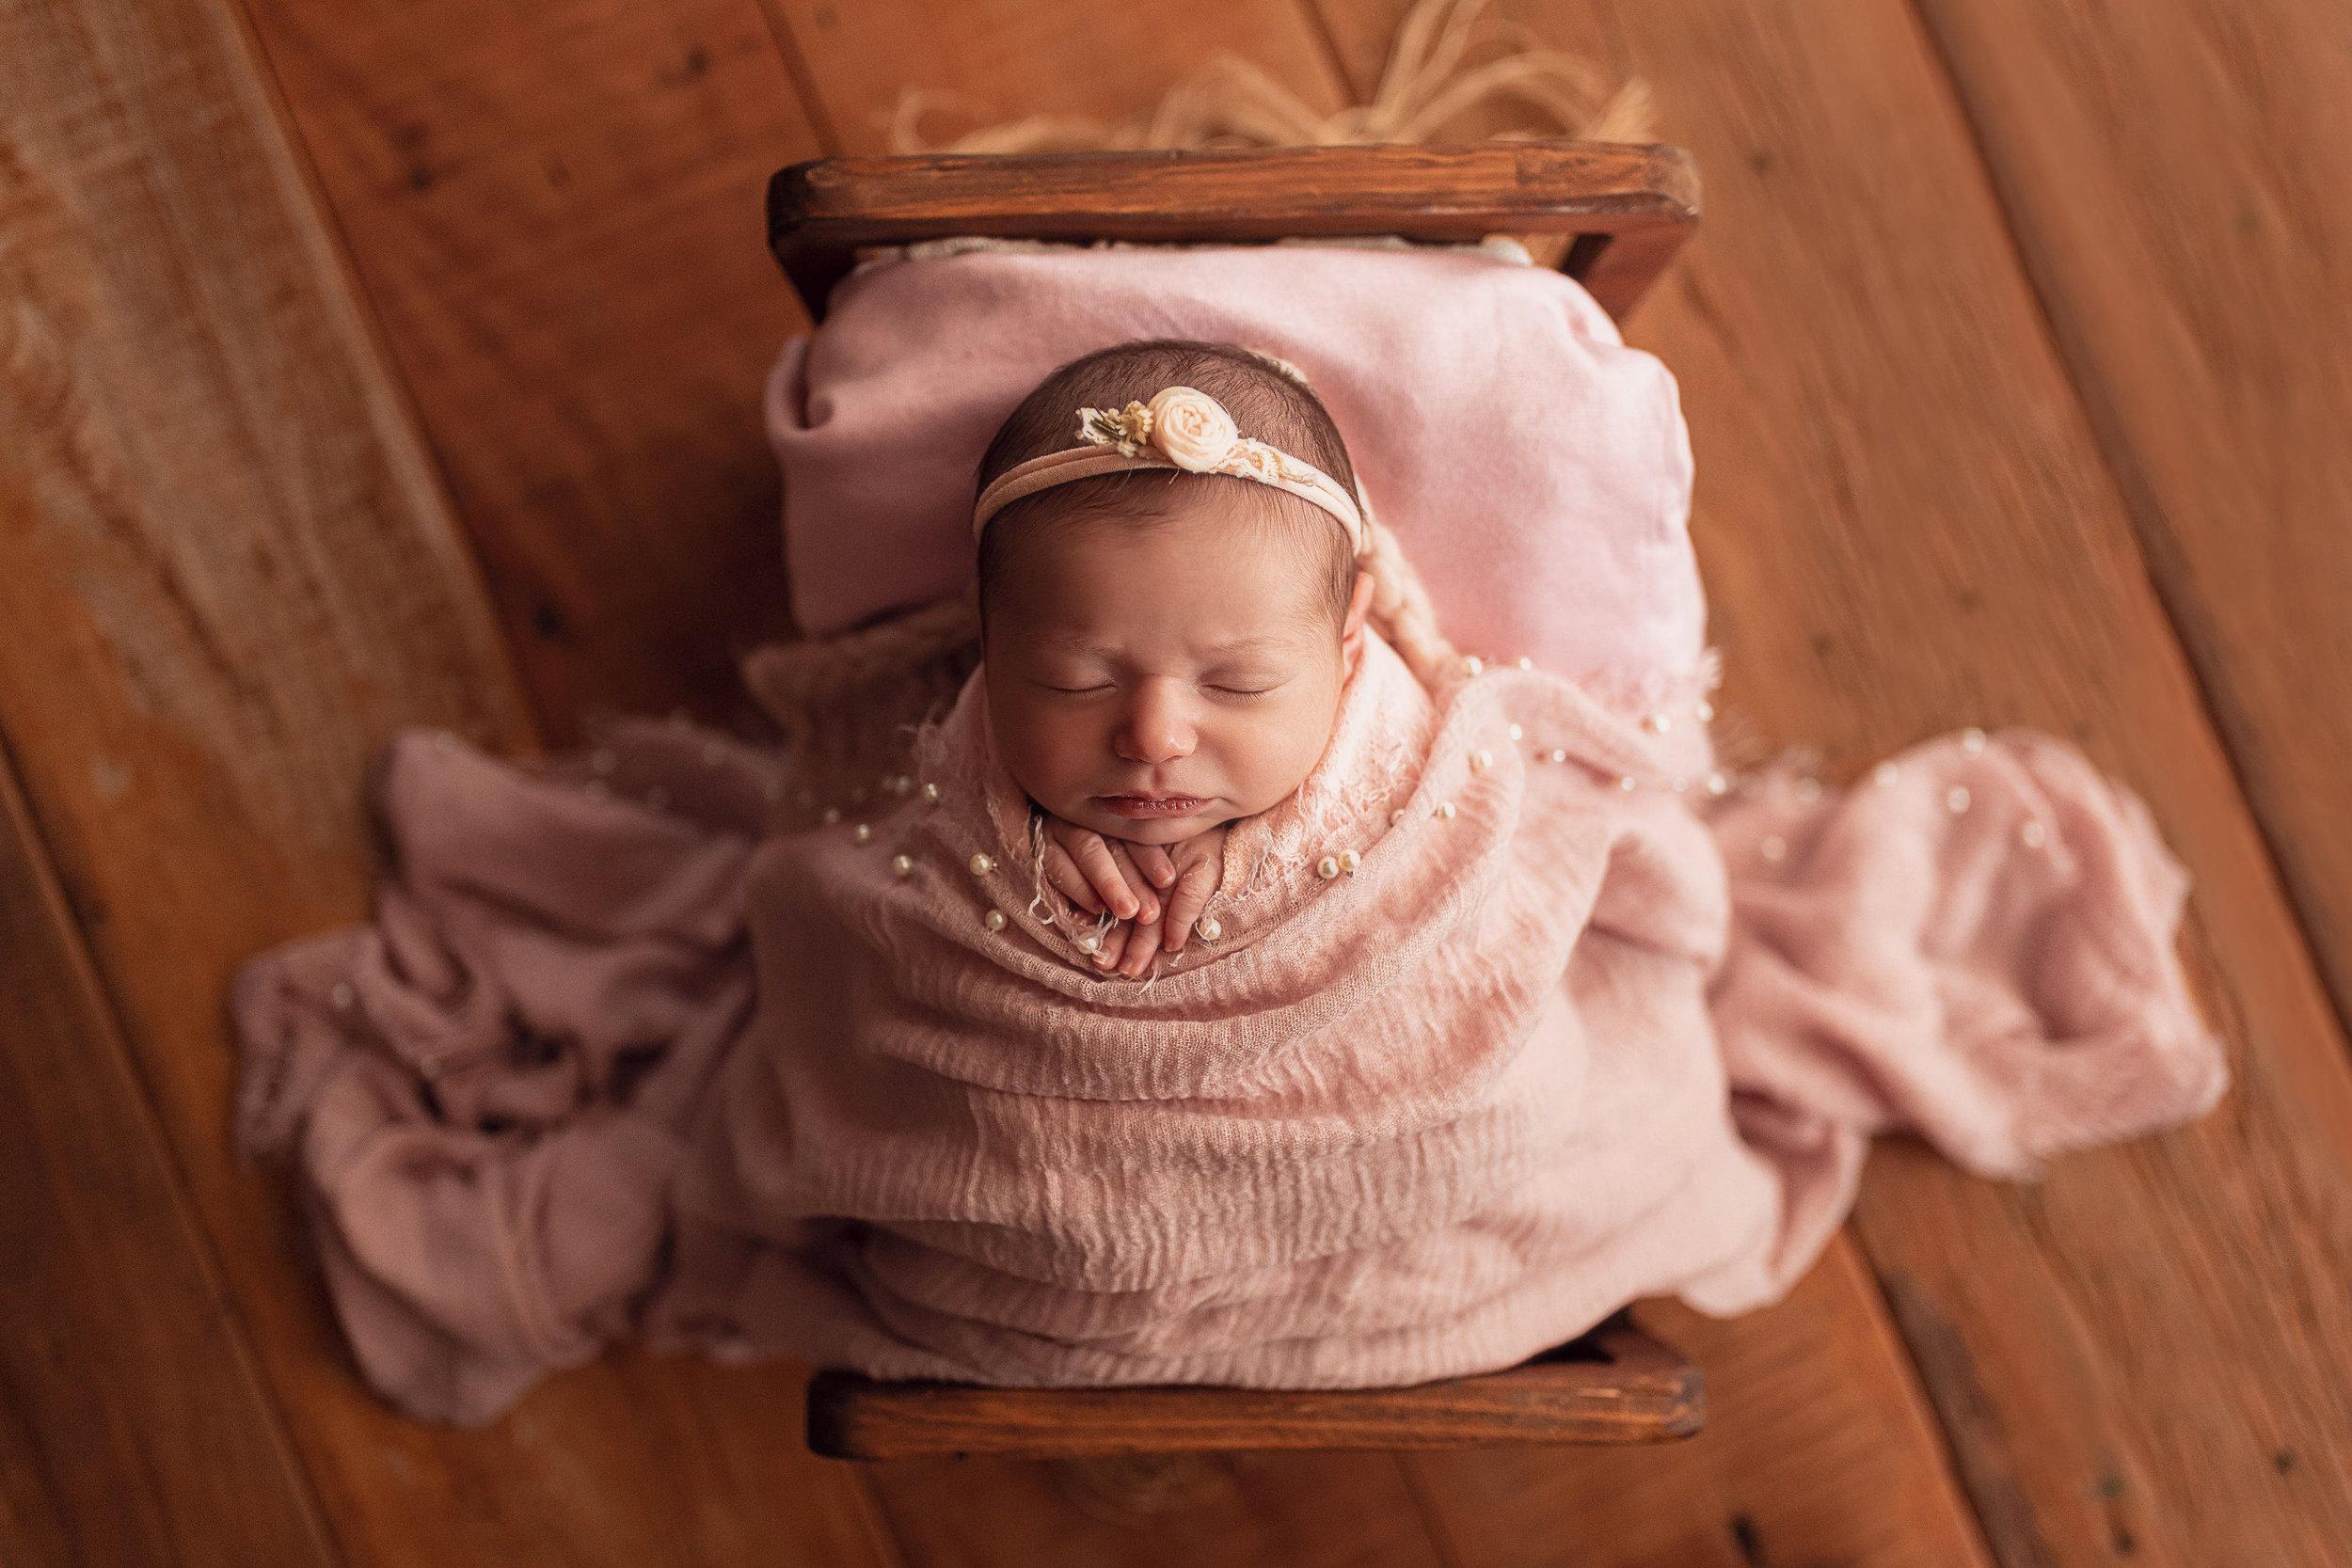 ensaio-newborn-fotografia-rio-de-janeiro-rj-barra-da-tijuca-estudio-em-casa-domicilio-perinatal-laranjeiras-zona-sul-sao-paulo-sp-rogerio-leandro-dr-workshop-mentoria-vip-melhor-5.jpg